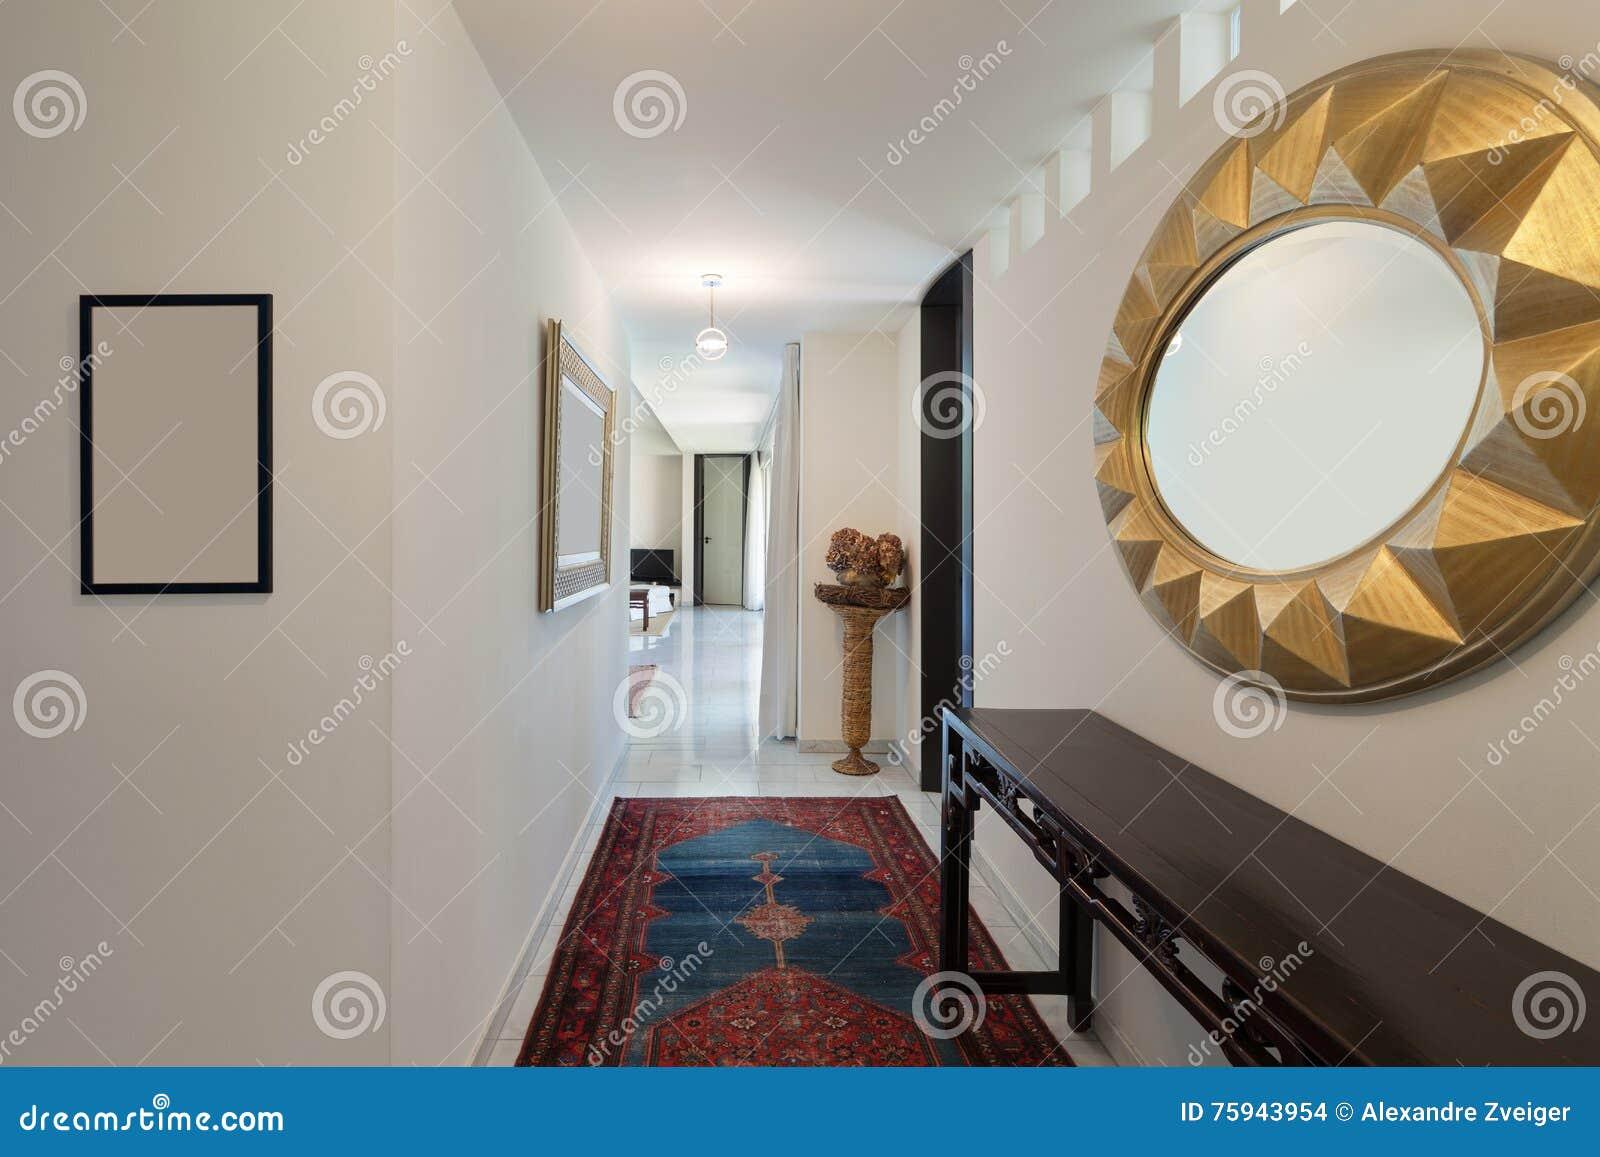 Corridoio di una casa moderna fotografia stock immagine for Casa di tronchi moderna